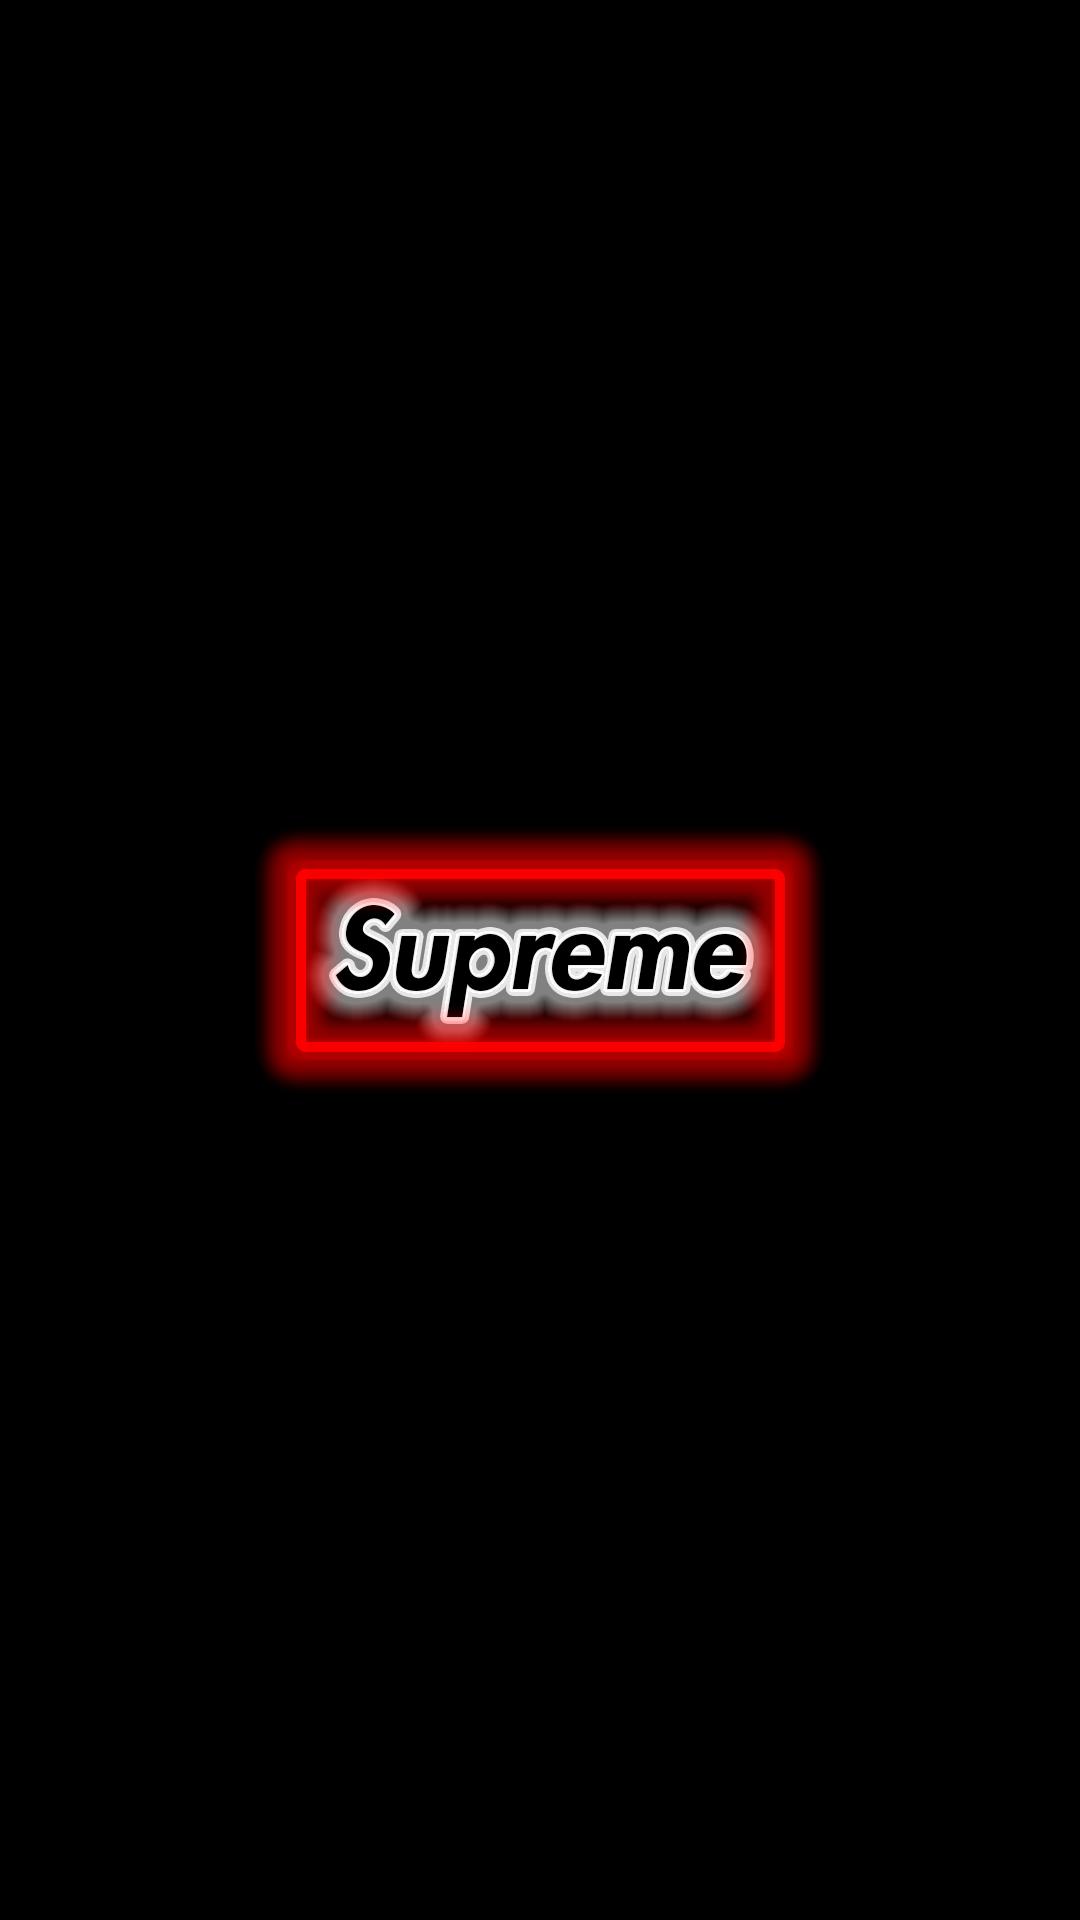 Supreme Neon Original Supreme Wallpaper Supreme Iphone Wallpaper Supreme Wallpaper Hd